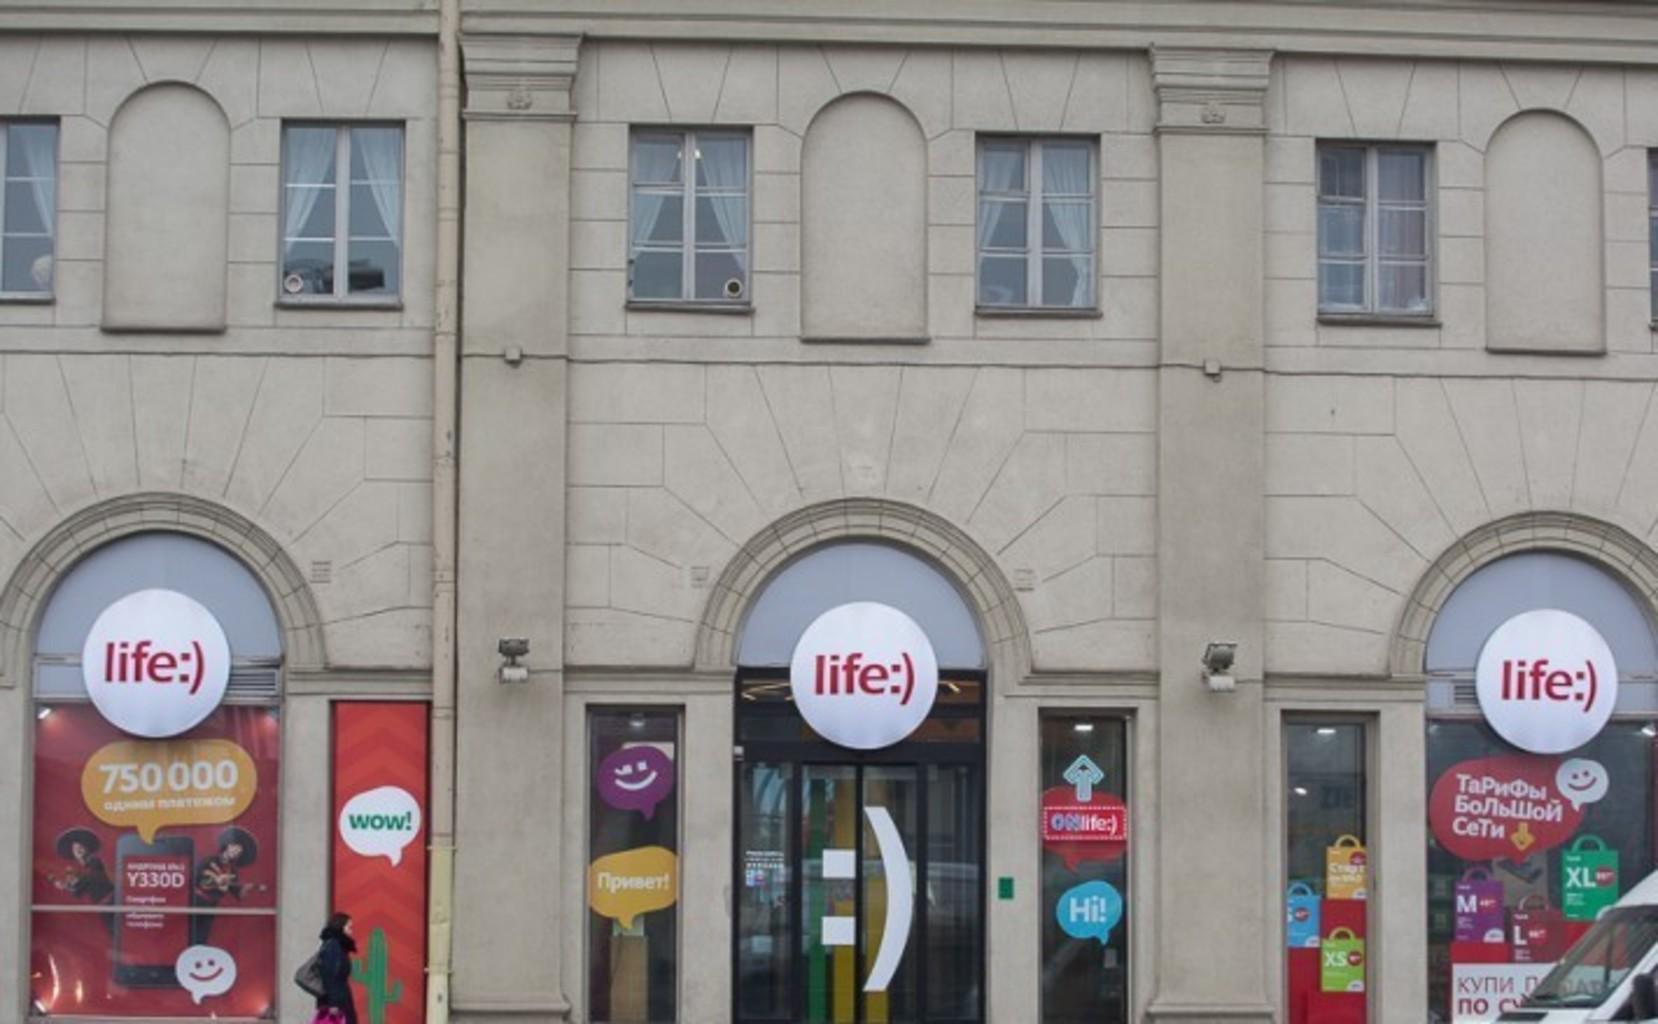 life:) объявил о повышении цен на услуги связи с 3 марта